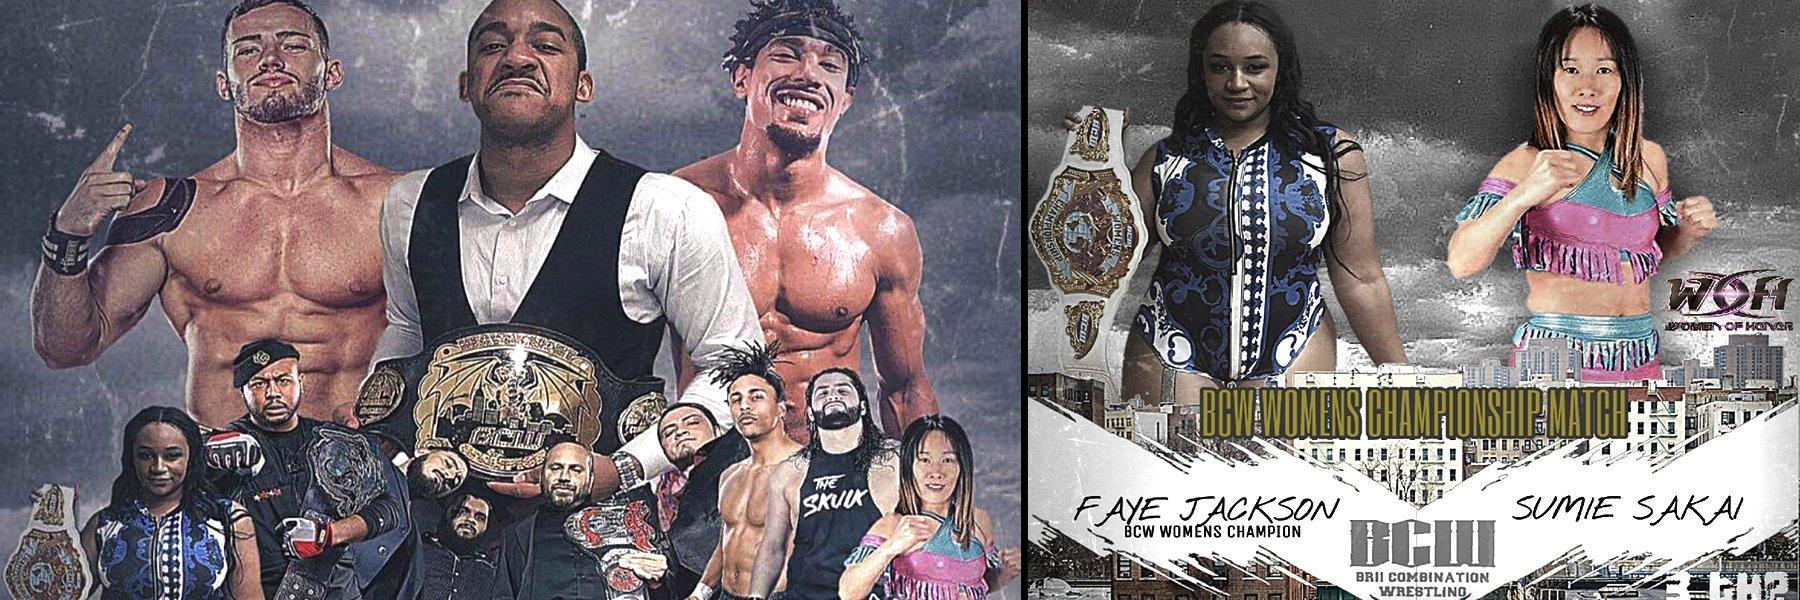 BCW 3rd Anniversary Show - Darius Carter, Faye Jackson, AR Fox, Sumie Sakai